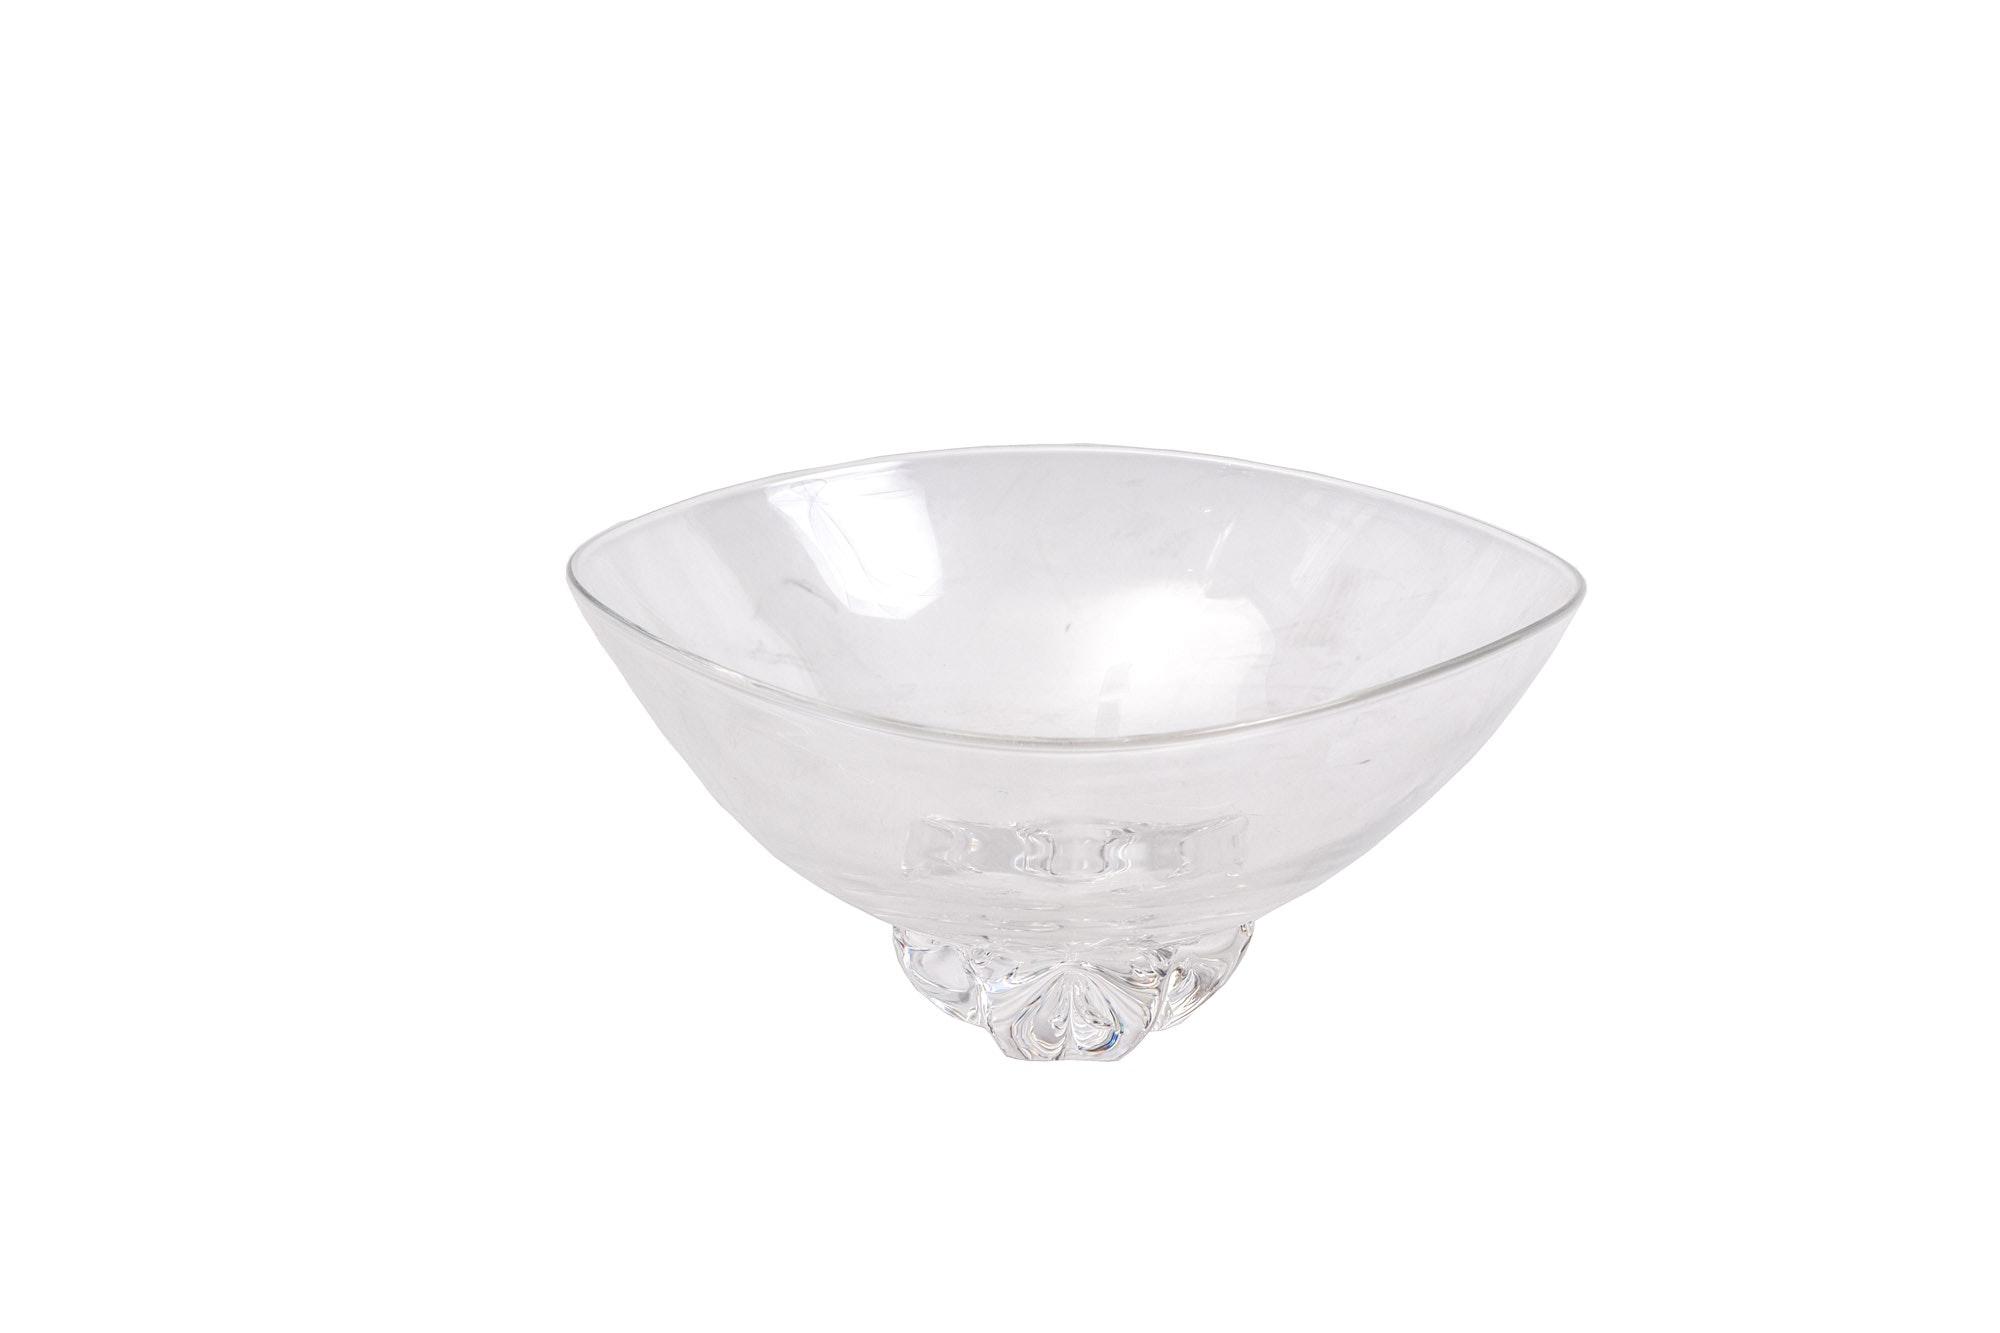 Vintage Steuben Crystal Bowl